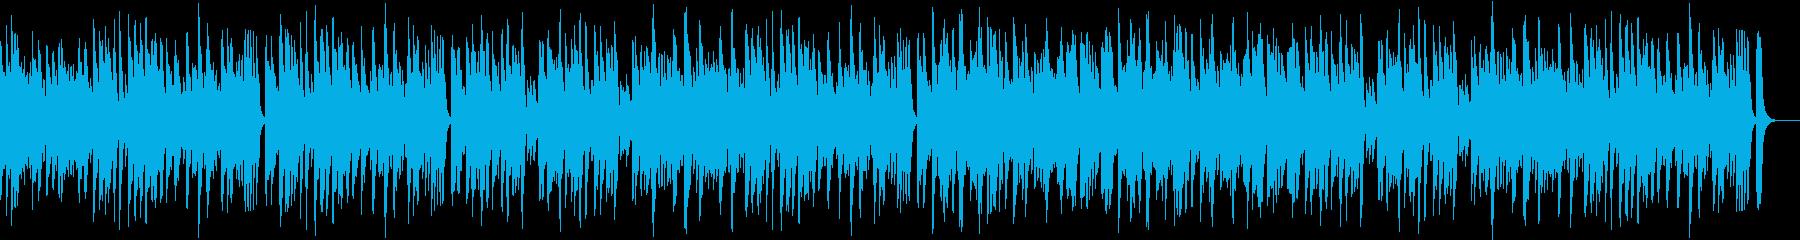 軽快なピアノ・ボサノバの再生済みの波形